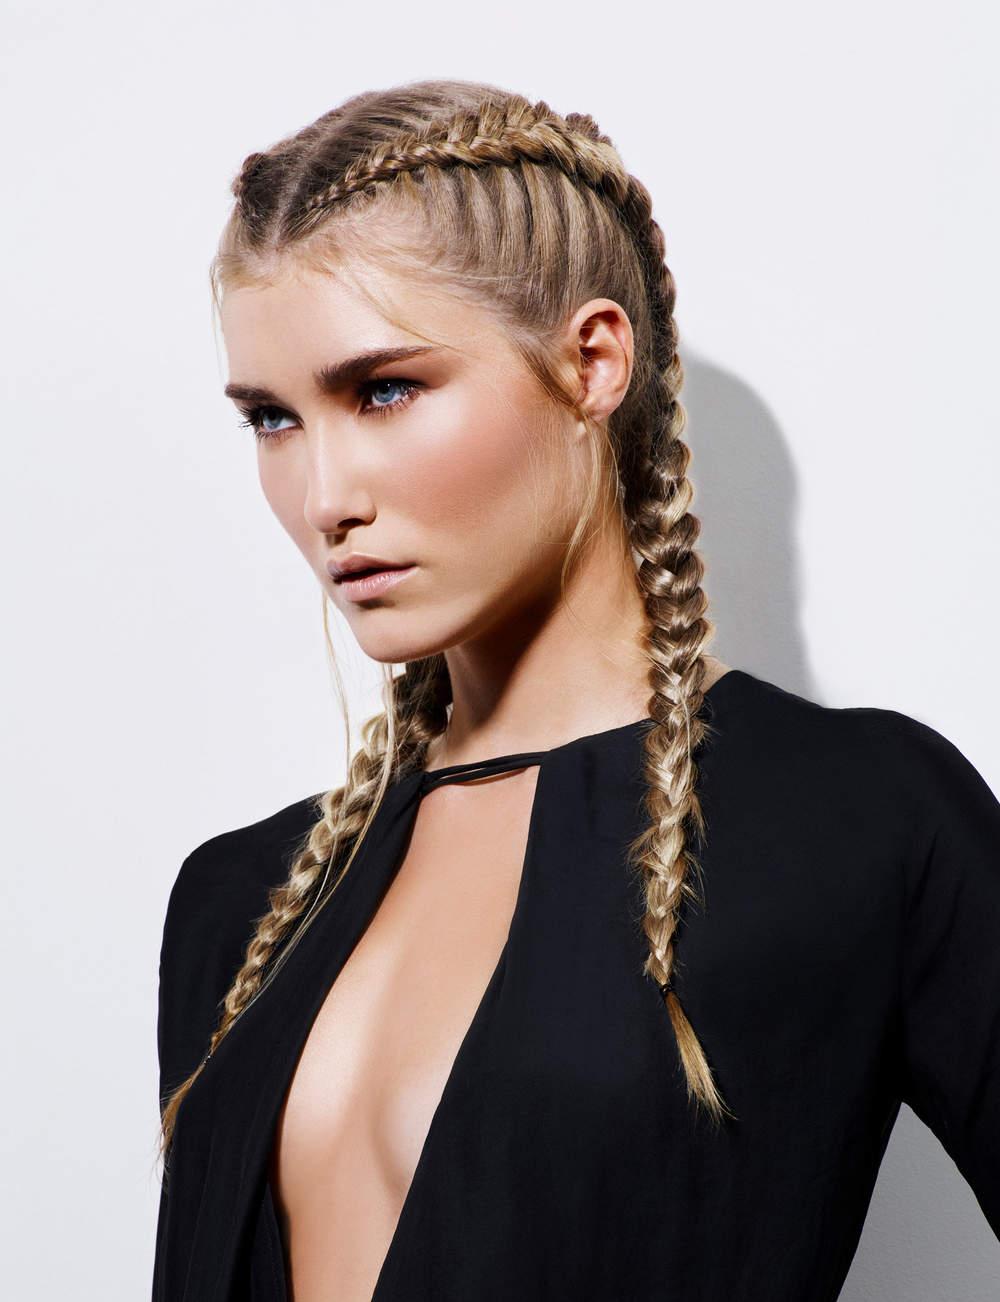 Façon boxer braids